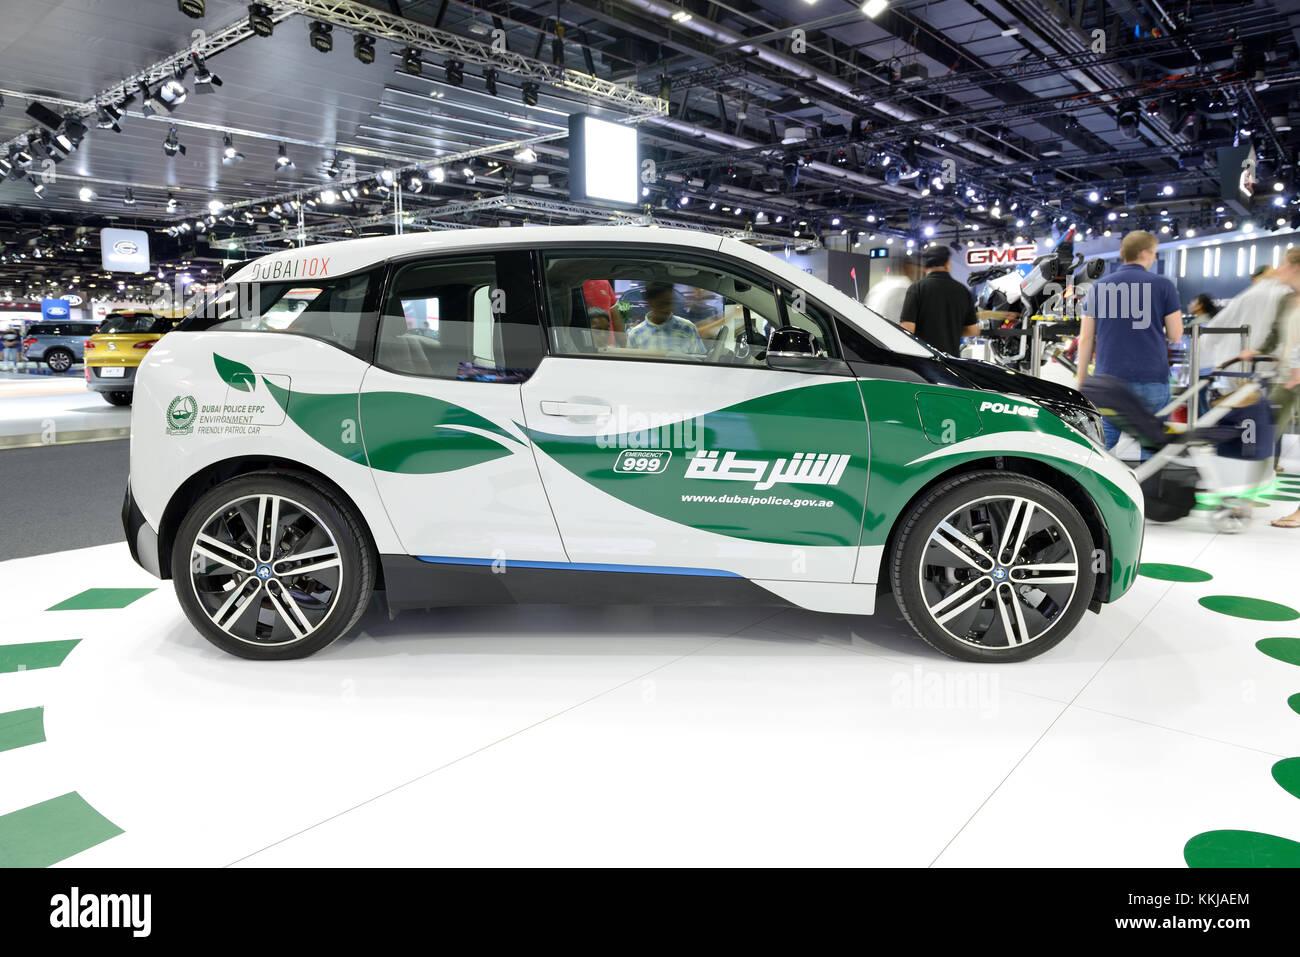 Dubai Uae November 18 The Bmw I3 Of Dubai Police Electric Car Is